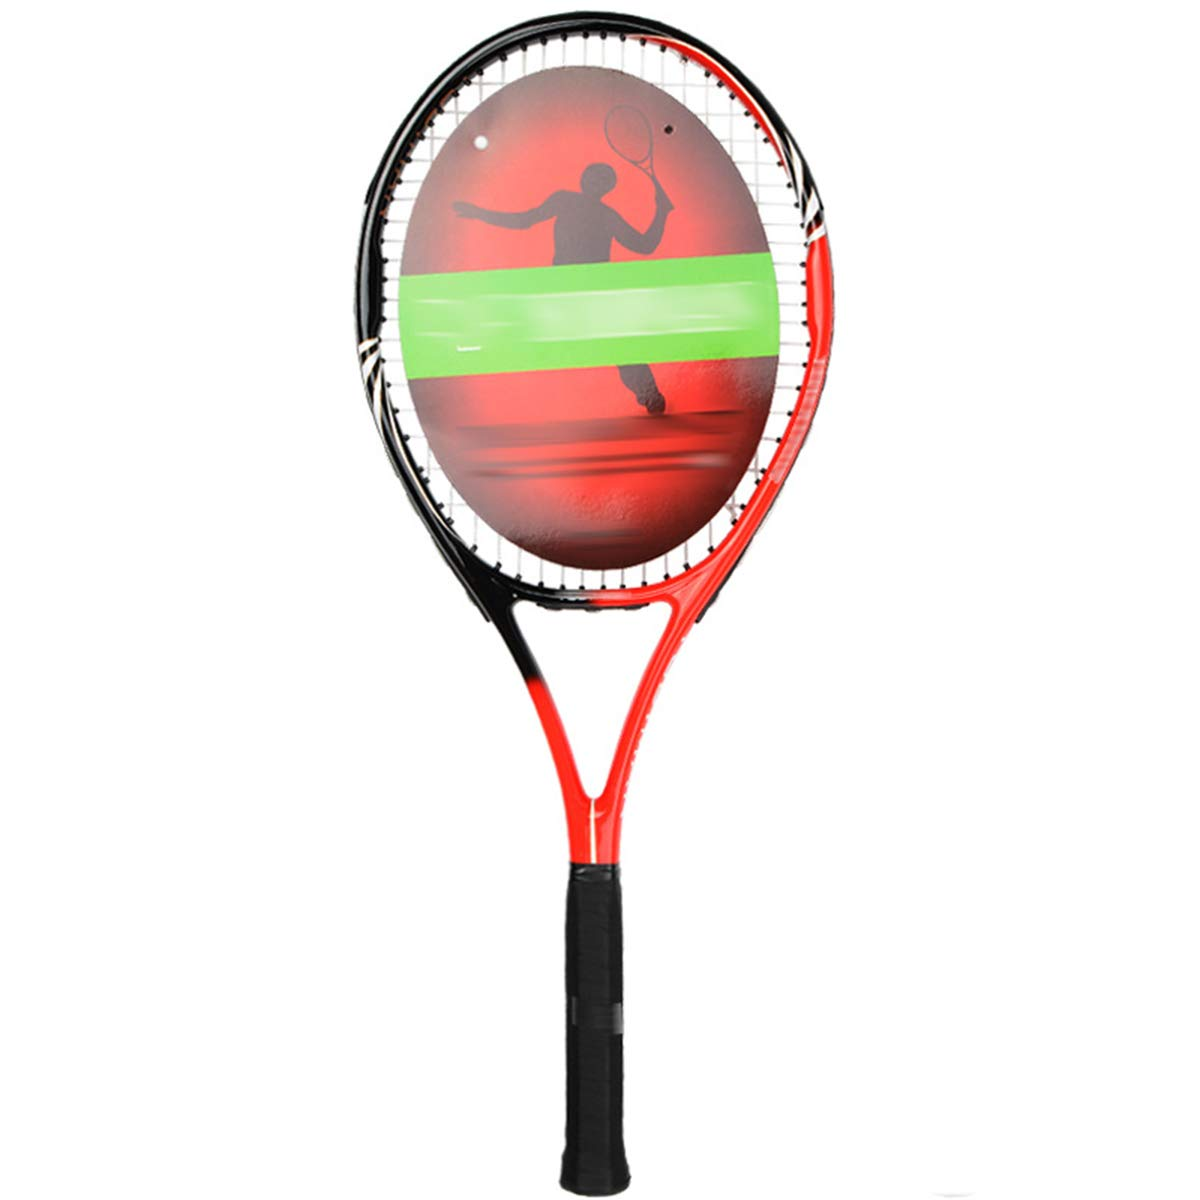 Raquette De Tennis Raquette De Tennis D'entraînement De Qualité Supérieure Ultra-légère, Unique Et Résistant à L'usure, De Qualité Professionnelle